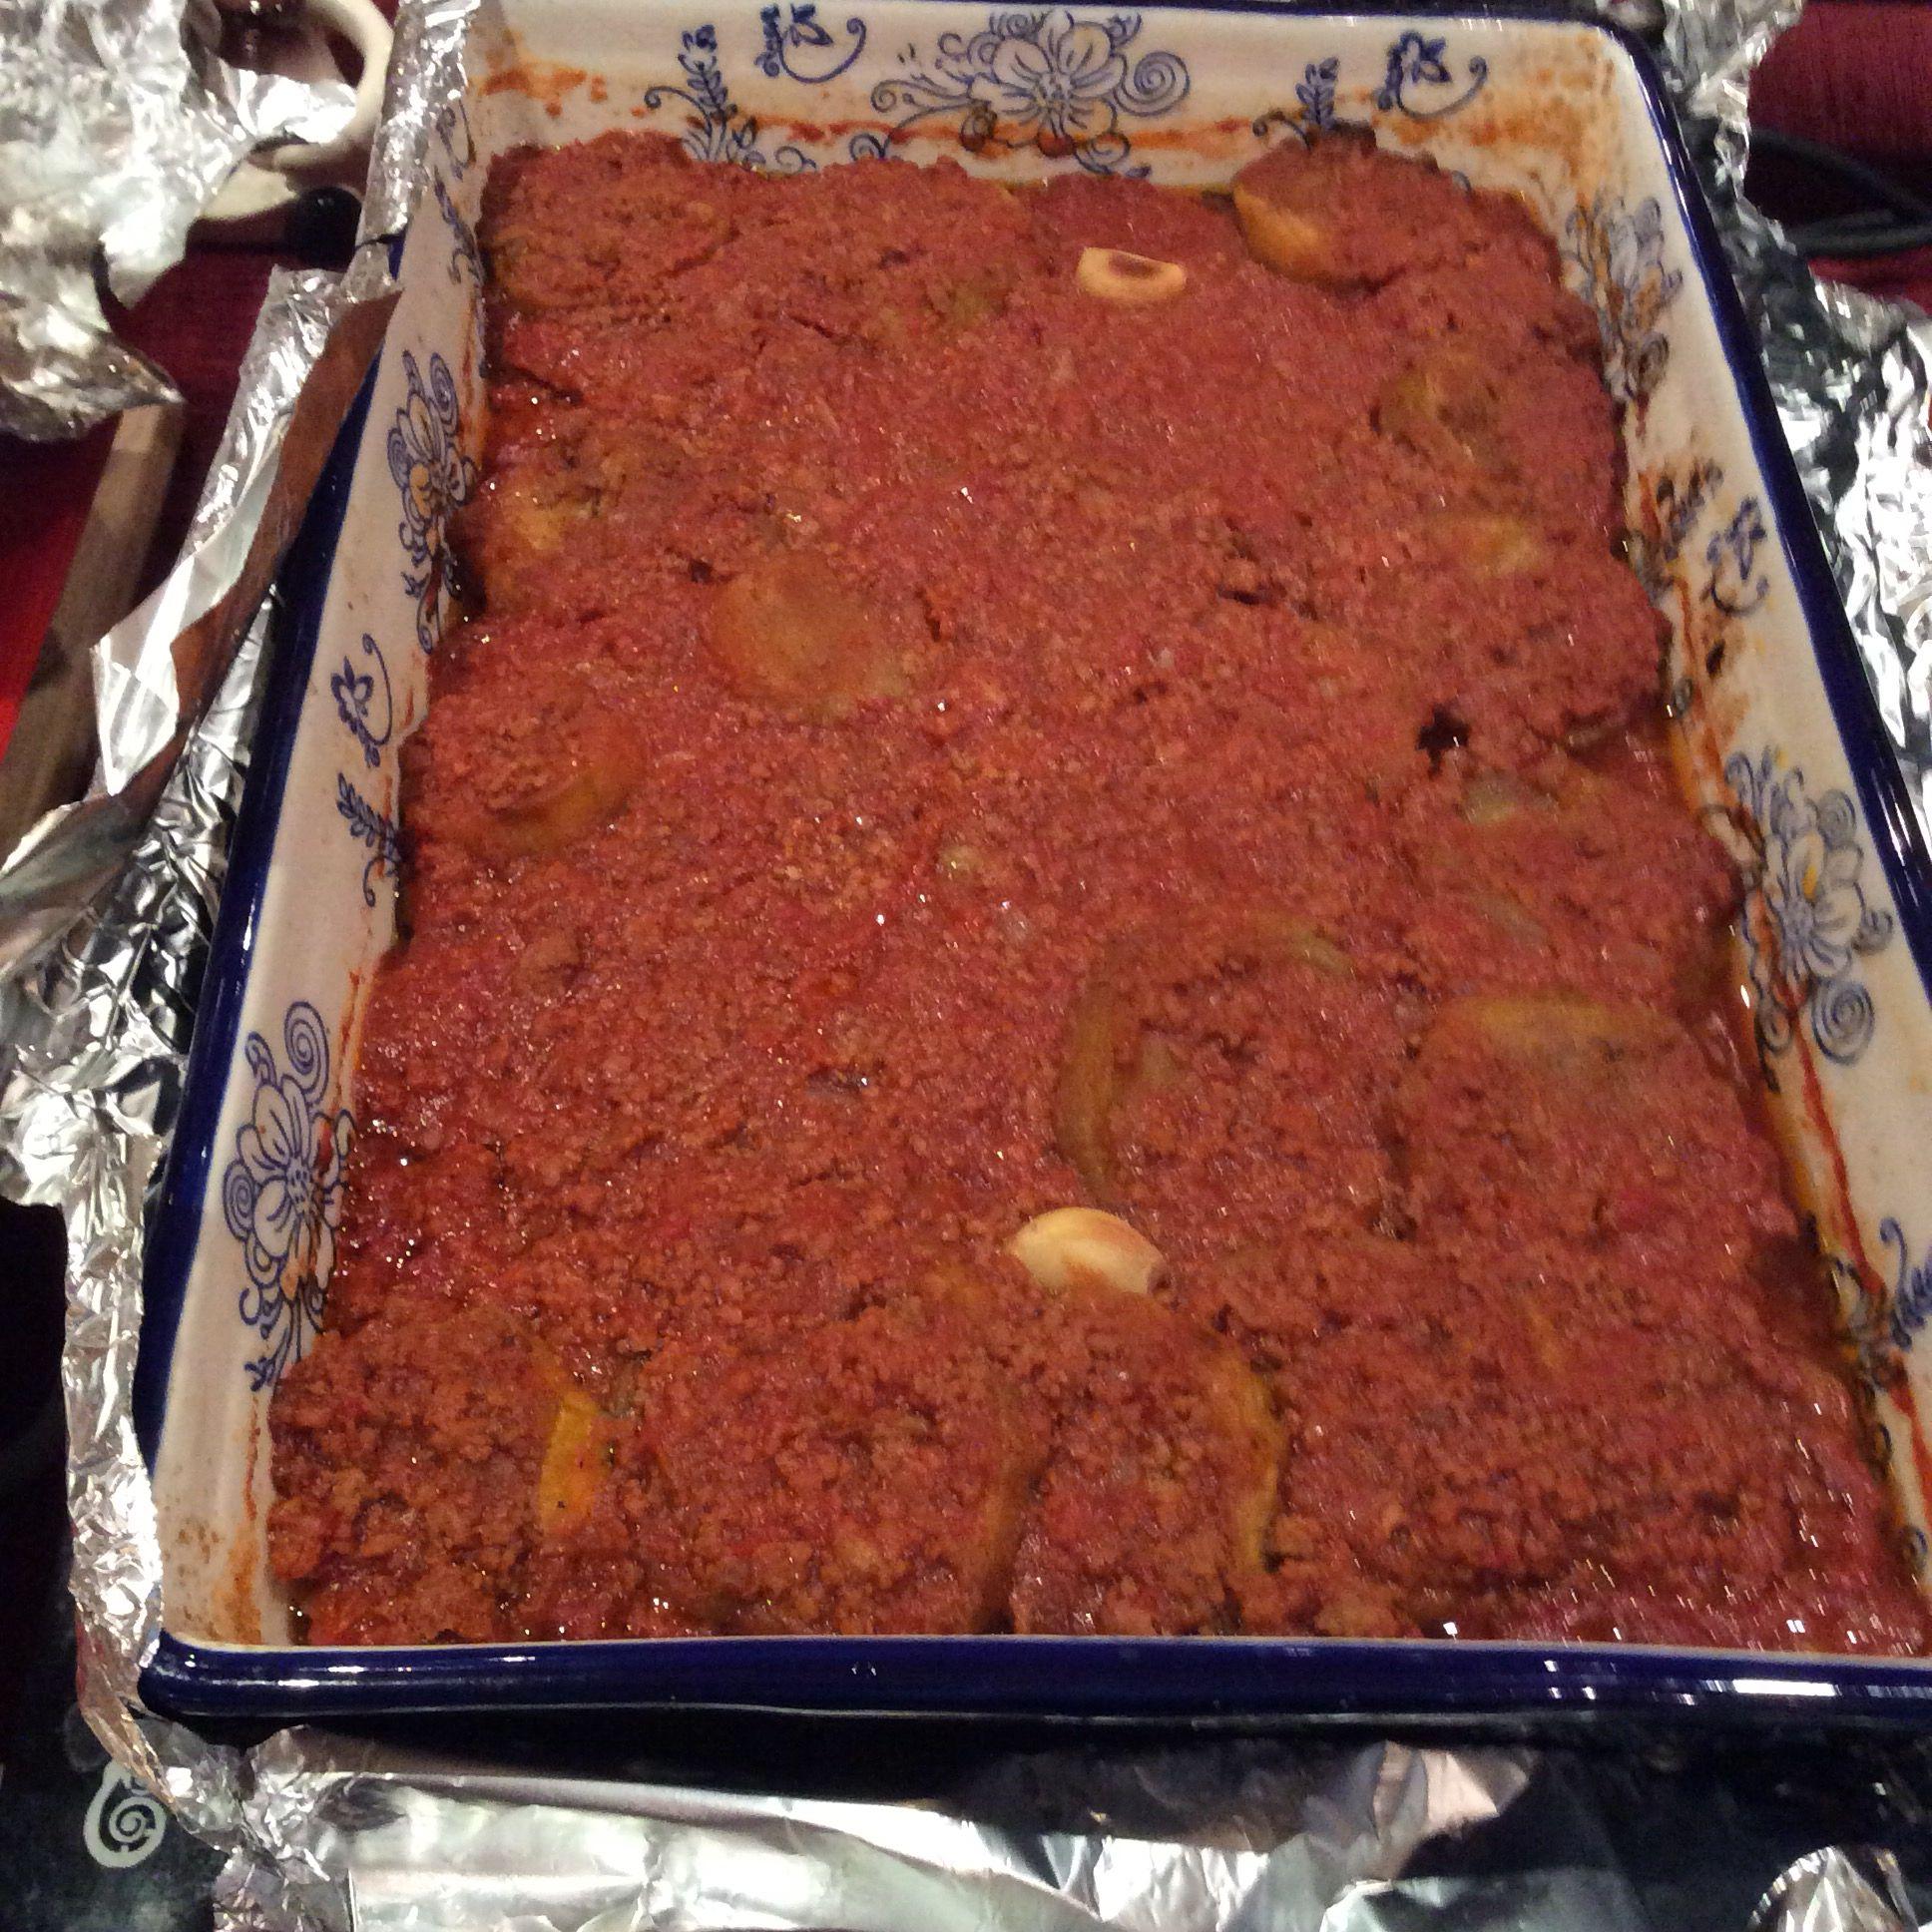 Mosaka مسقعة باللحم المفروم Food Meatloaf Meat